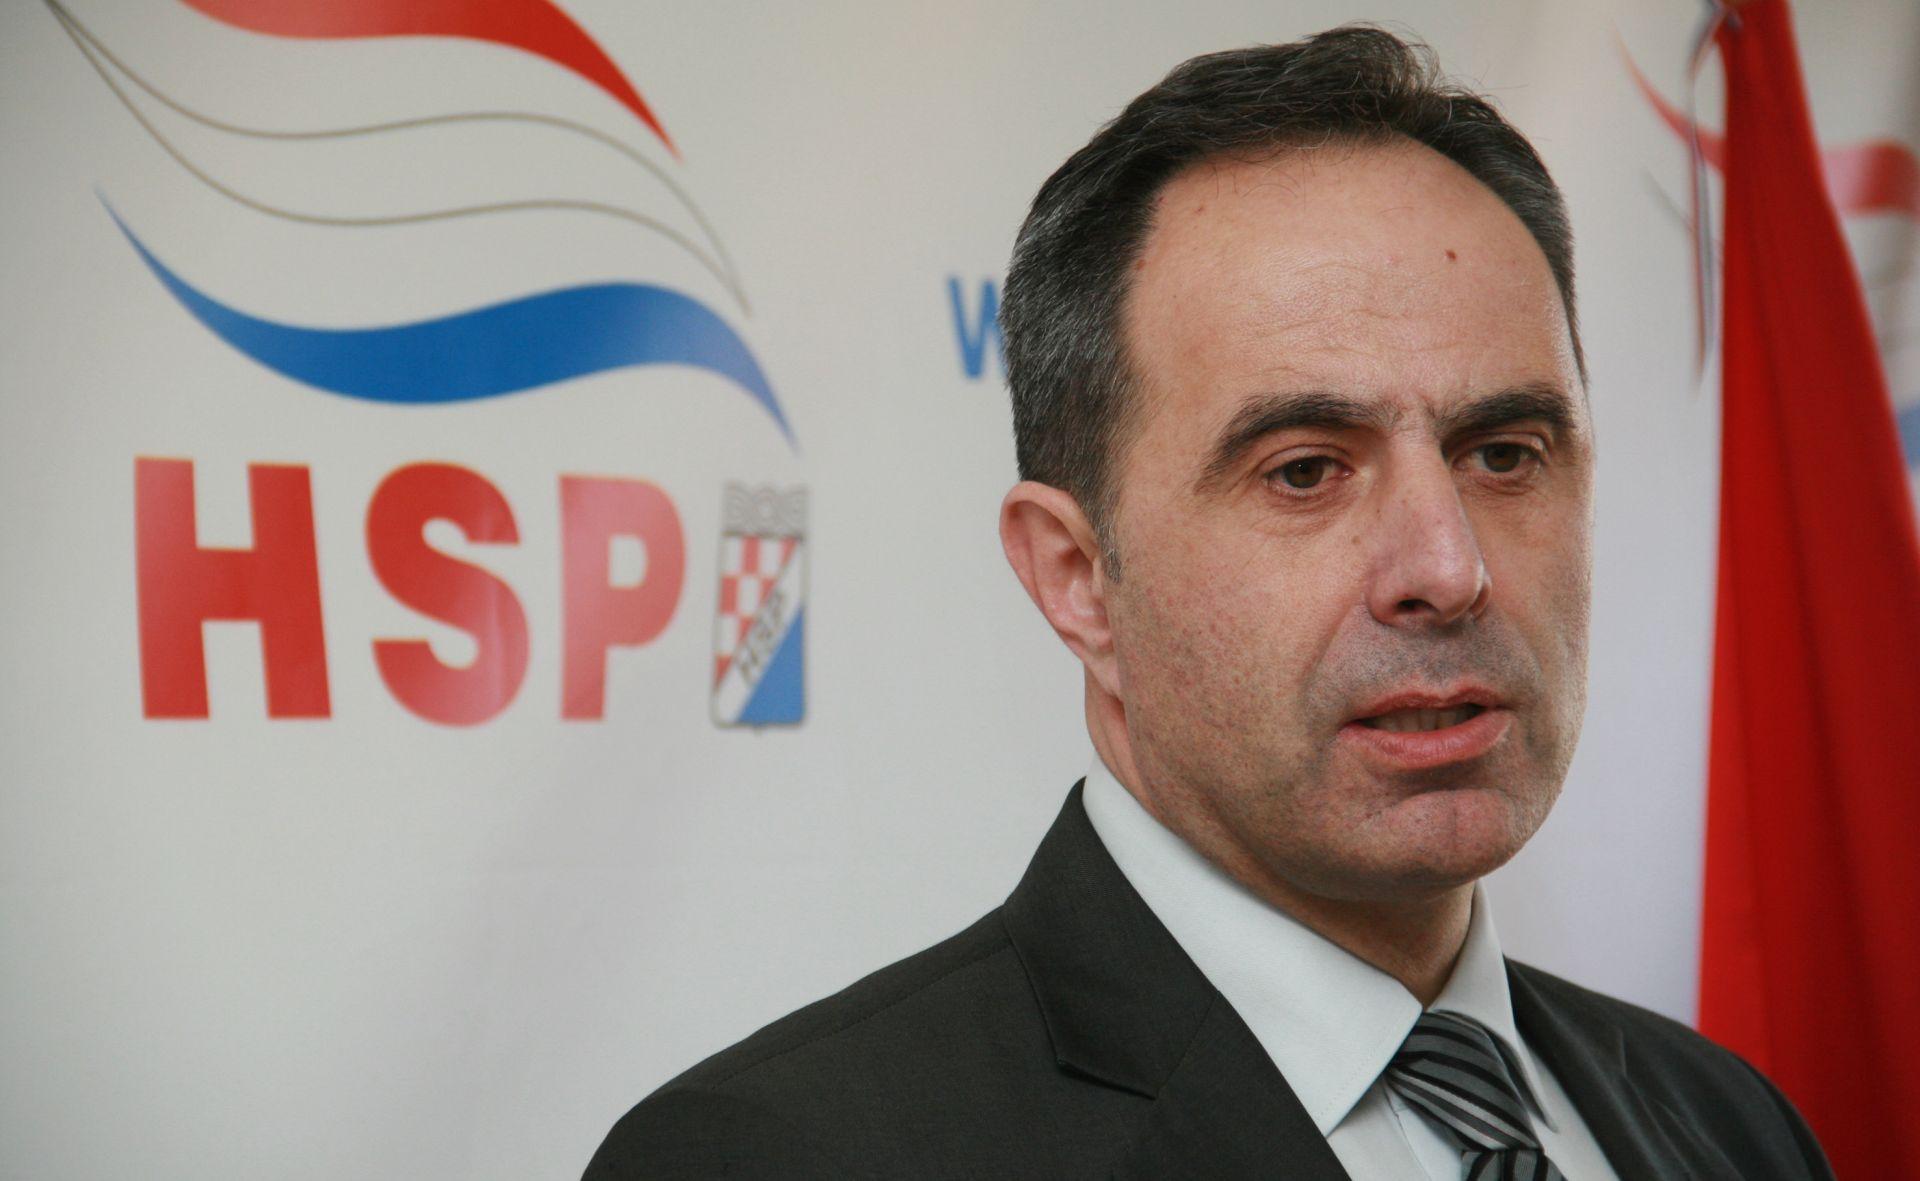 Srb: Svakodnevne provokacije iz Srbije dogovorene